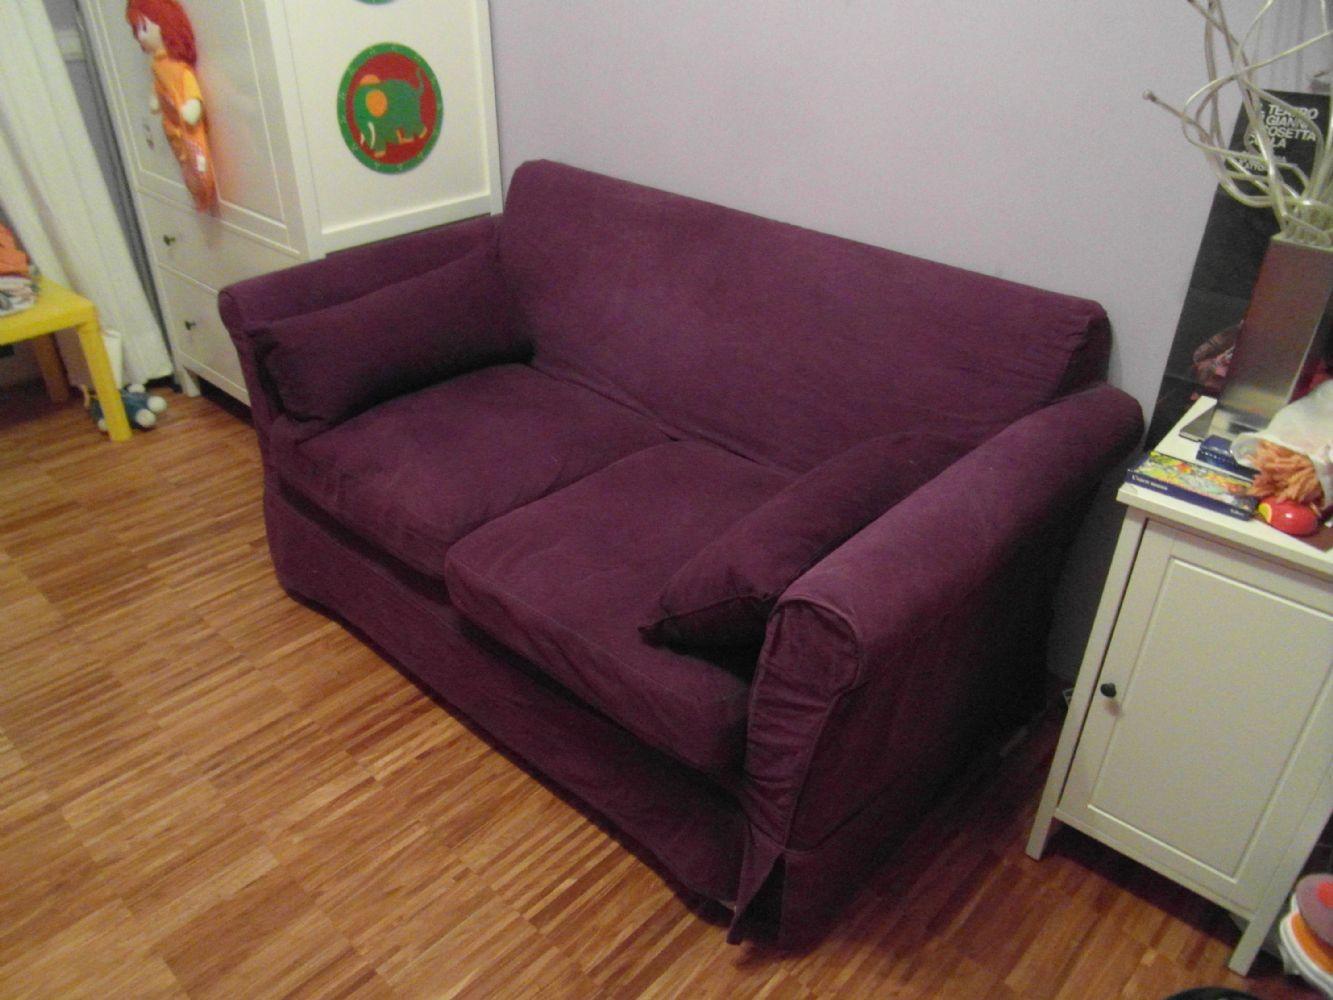 Baratto scambio divano letto ikea arredamento complementi d arredo a bodio lomnago va for Ikea letto 1 piazza e mezza